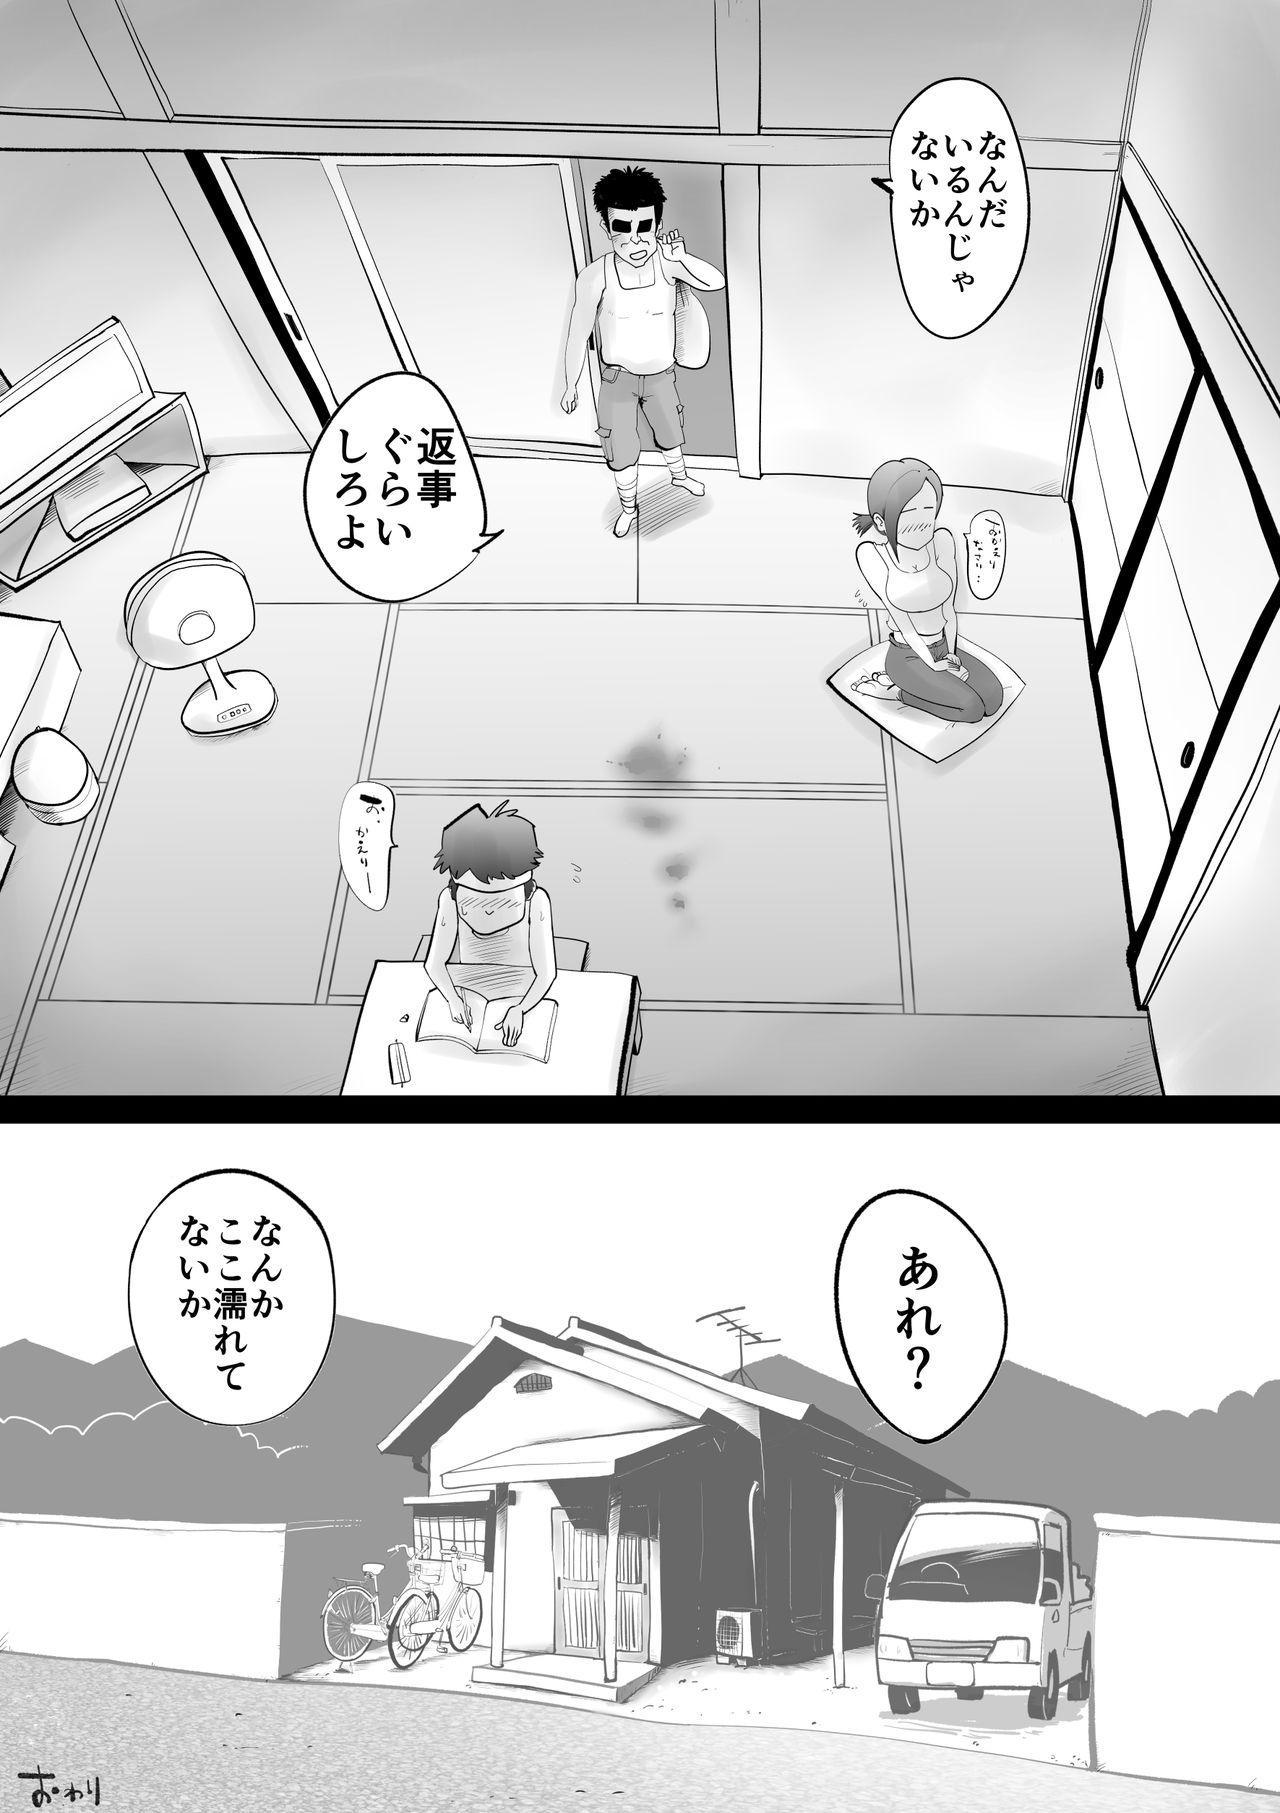 Warunori Shita Hahaoya ni Karuku Seishori ni Tsukawareru Hanashi 47